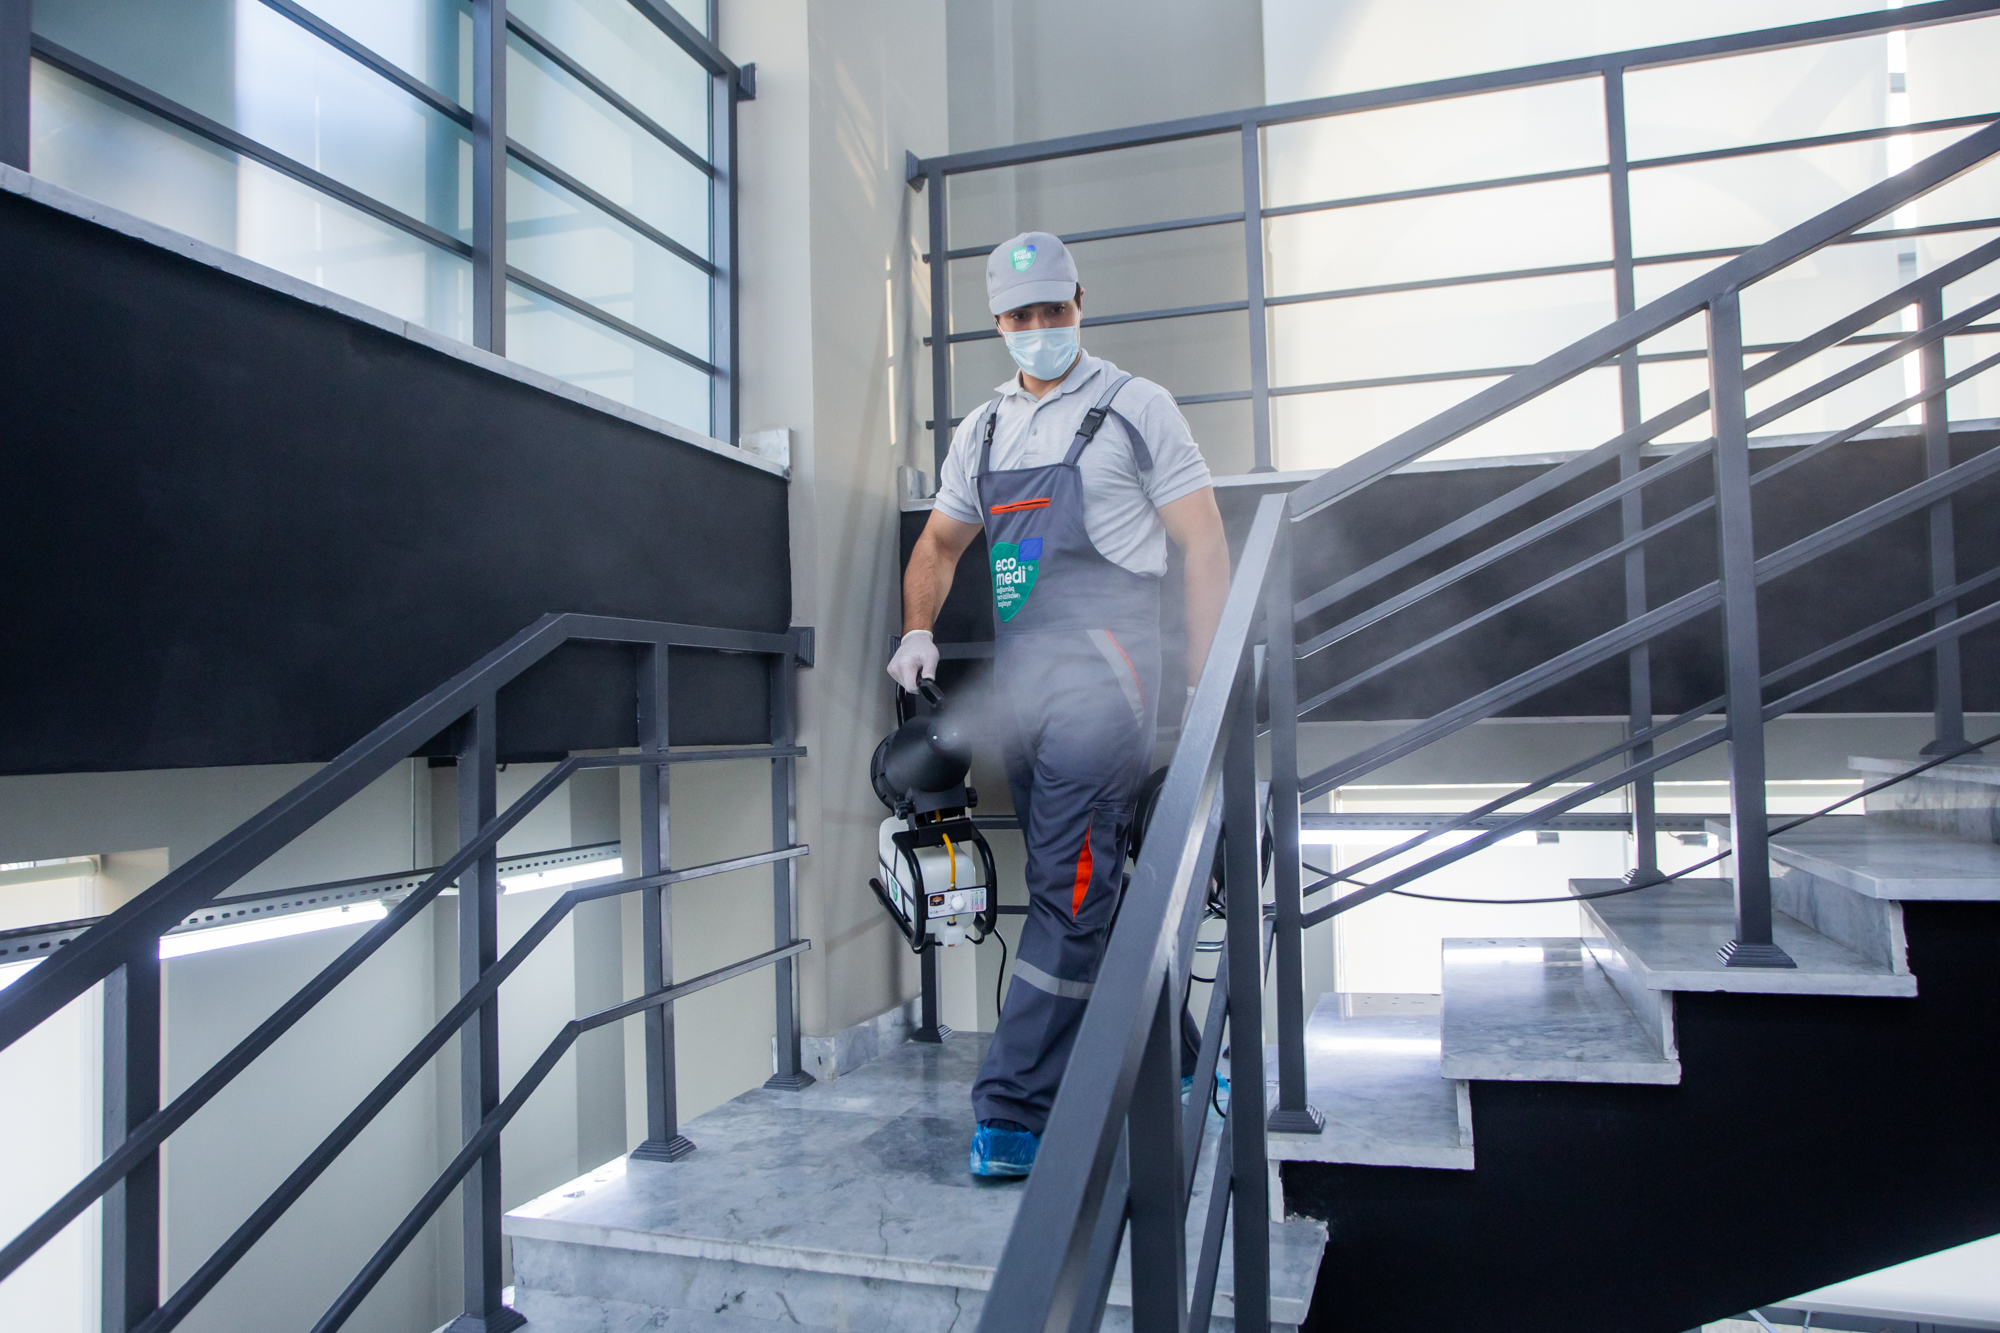 Gm Constraction - Sağlamlıq təmizlikdən başlayır - EcoMedi MMC dezinfeksiya, dezinseksiya, deratizasiya, fumiqasiya işlərinin həyata keçirilməsi üzrə qabaqcıl şirkətdir.